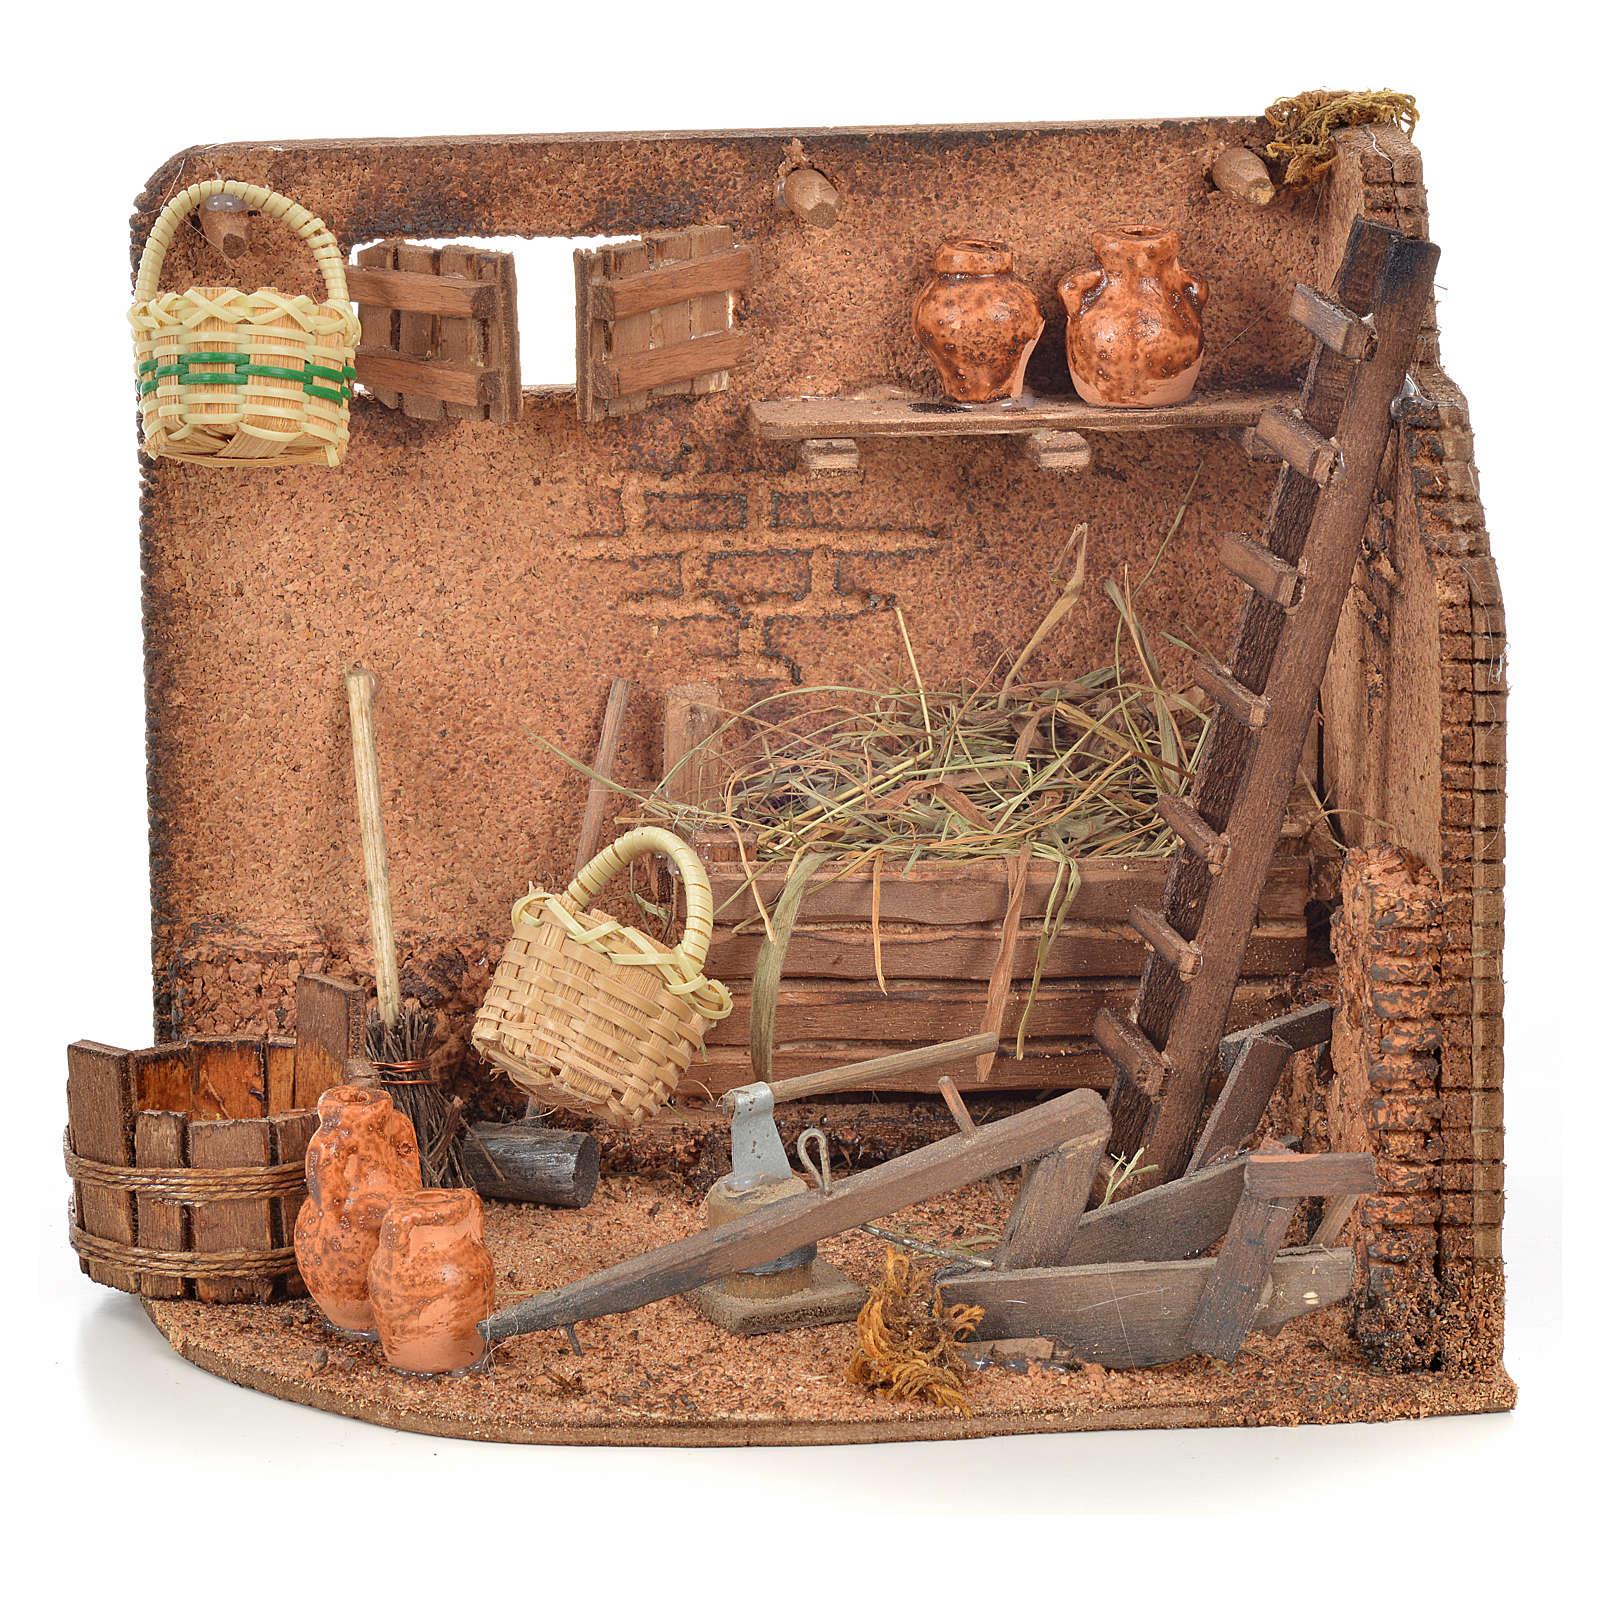 Milieu crèche Napolitaine, coin des outils agricoles 4